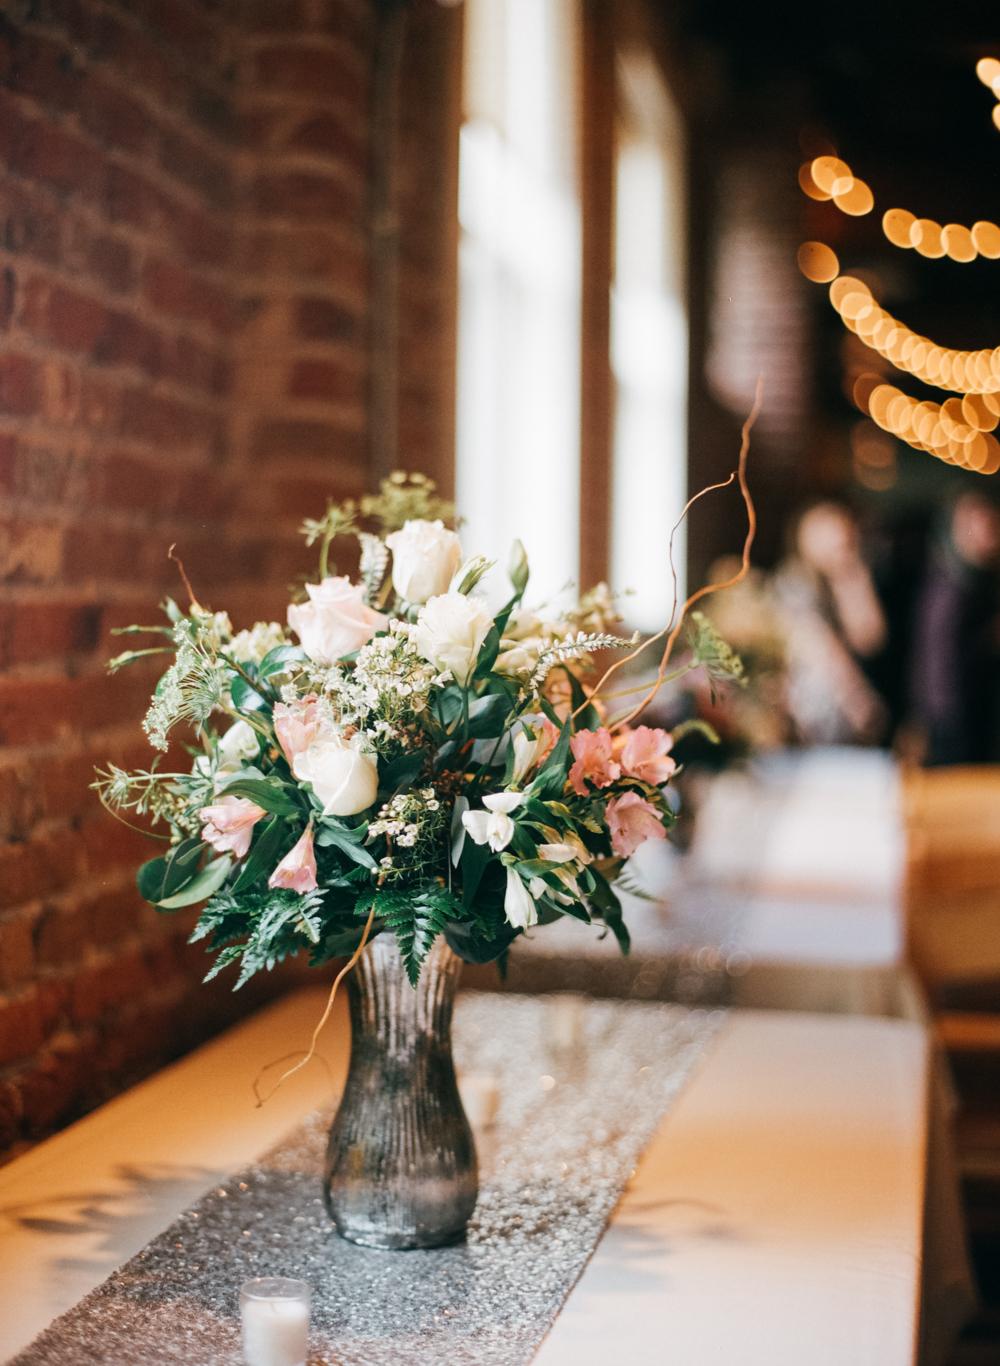 bardenay wedding venue boise-5.jpg